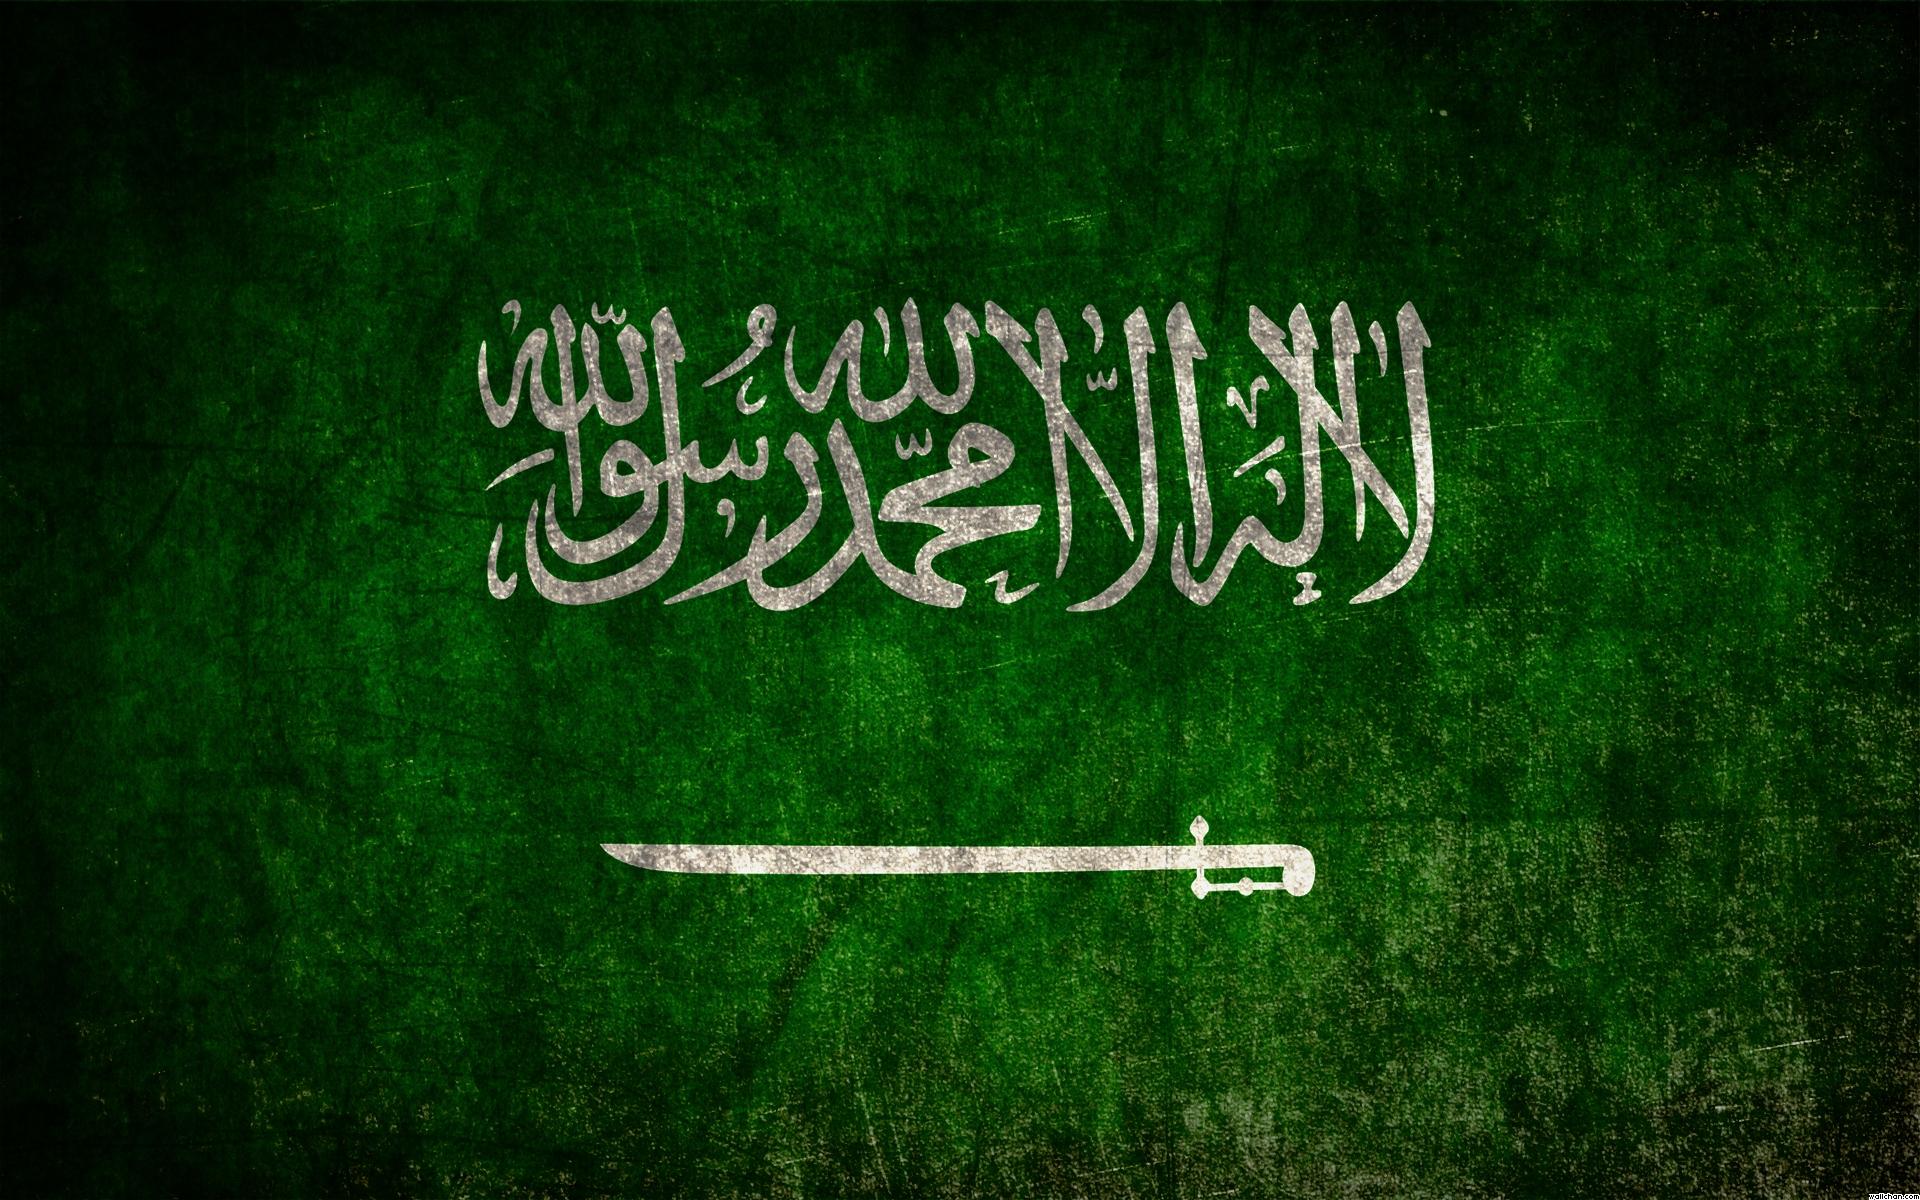 بالصور صور علم السعوديه بجودة عالية 20160628 1723